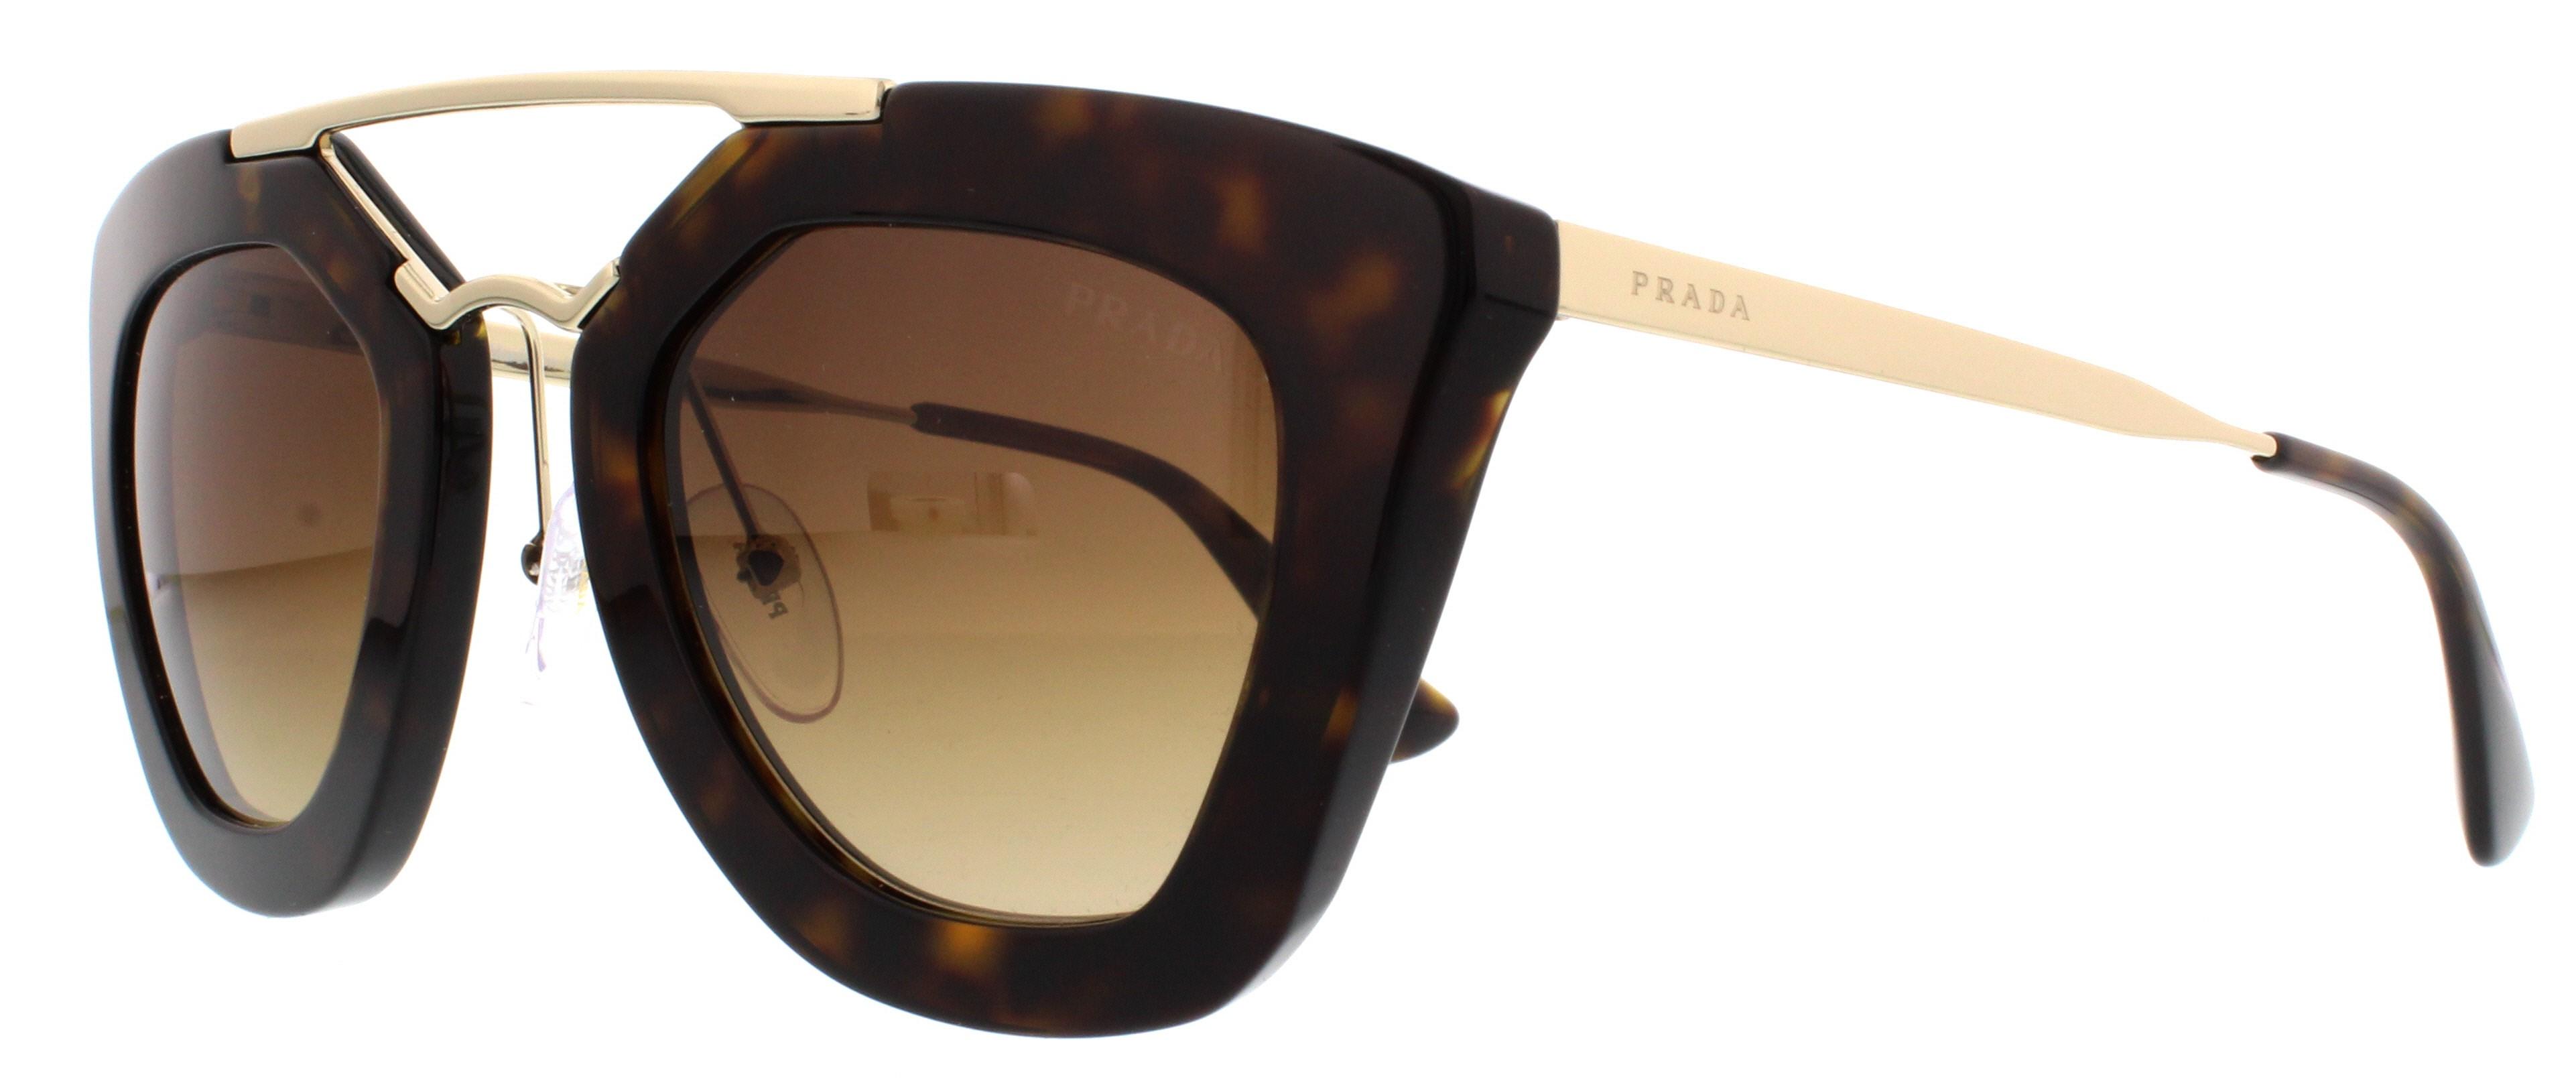 feea7d025c usa prada pr 09qs cinema sunglasses sunglass trend 3 930b7 e9c27  denmark  picture of prada sunglasses pr09qs cinema e12eb e0e0d